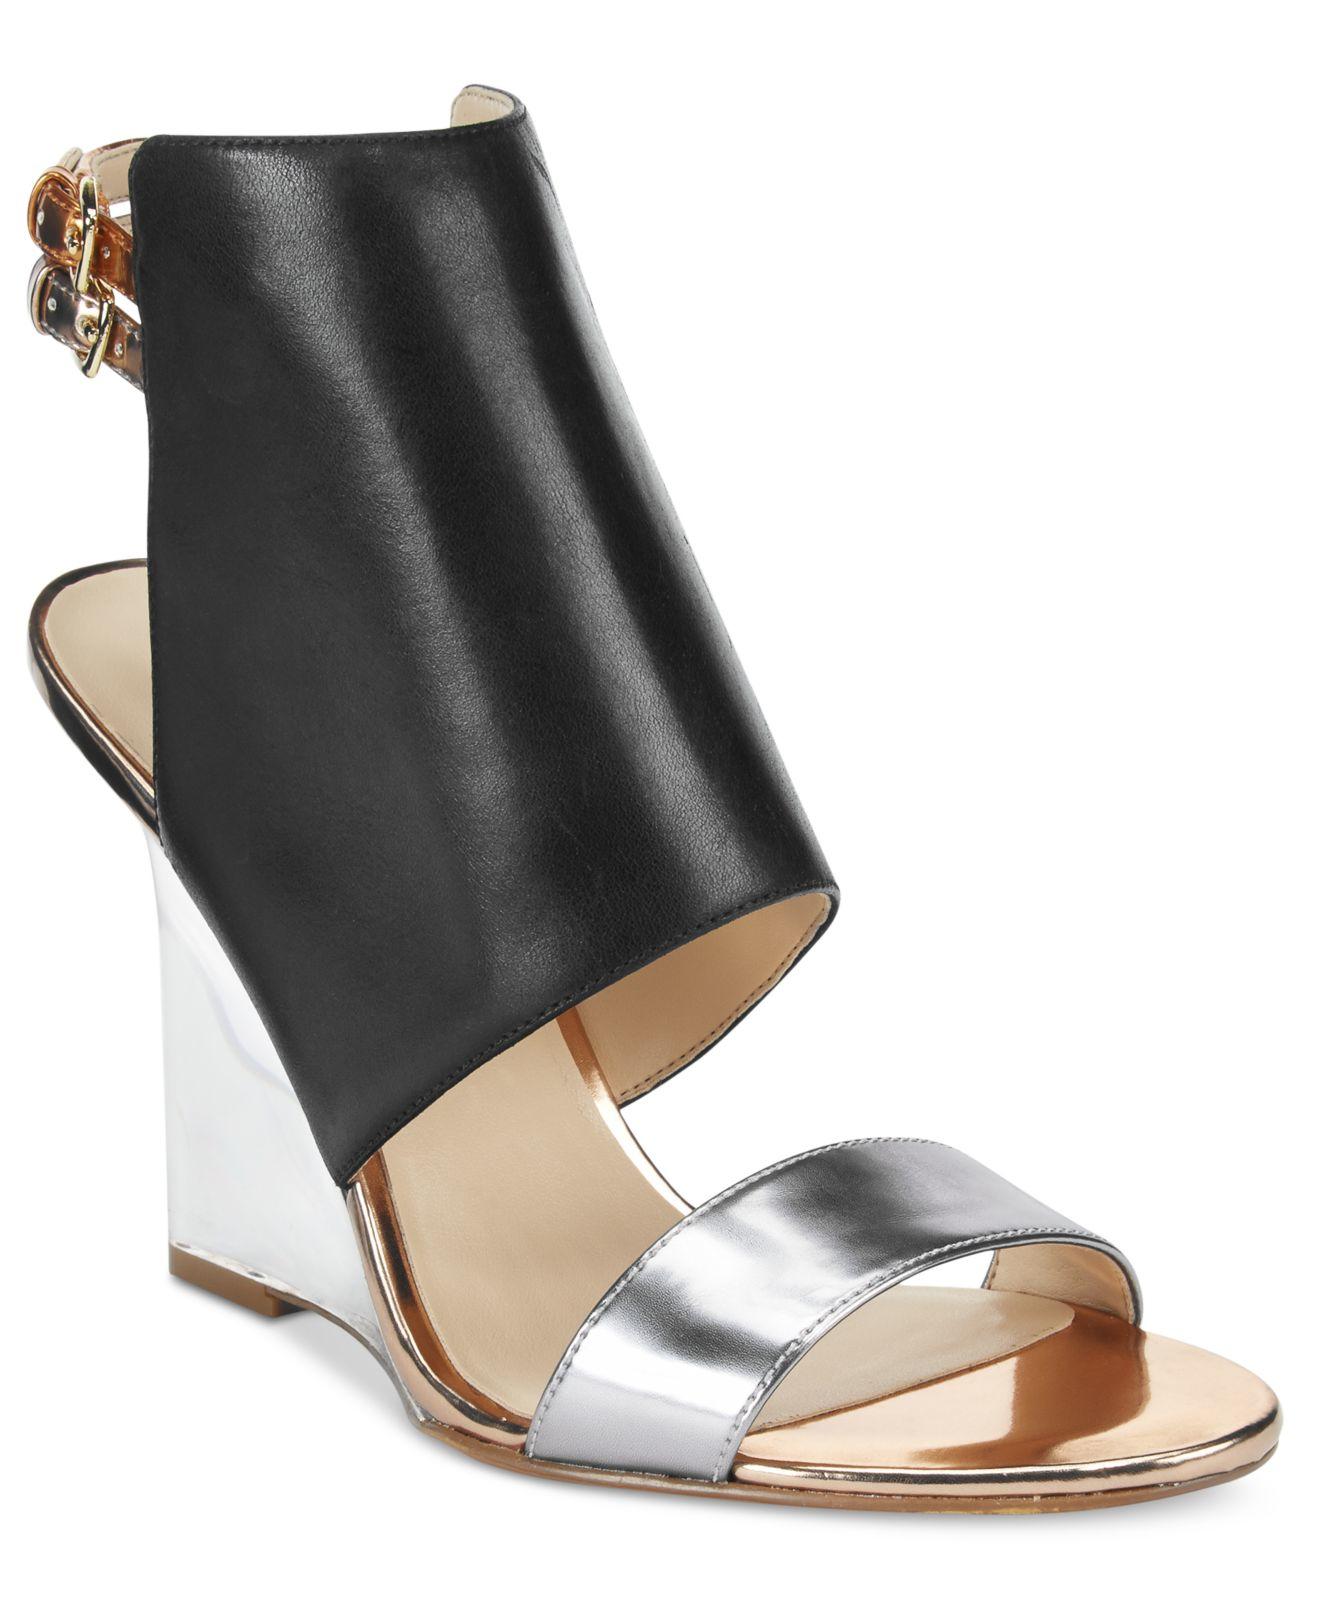 b8cac13ffe76 Lyst - Nine West Bueta Wedge Sandals in Black